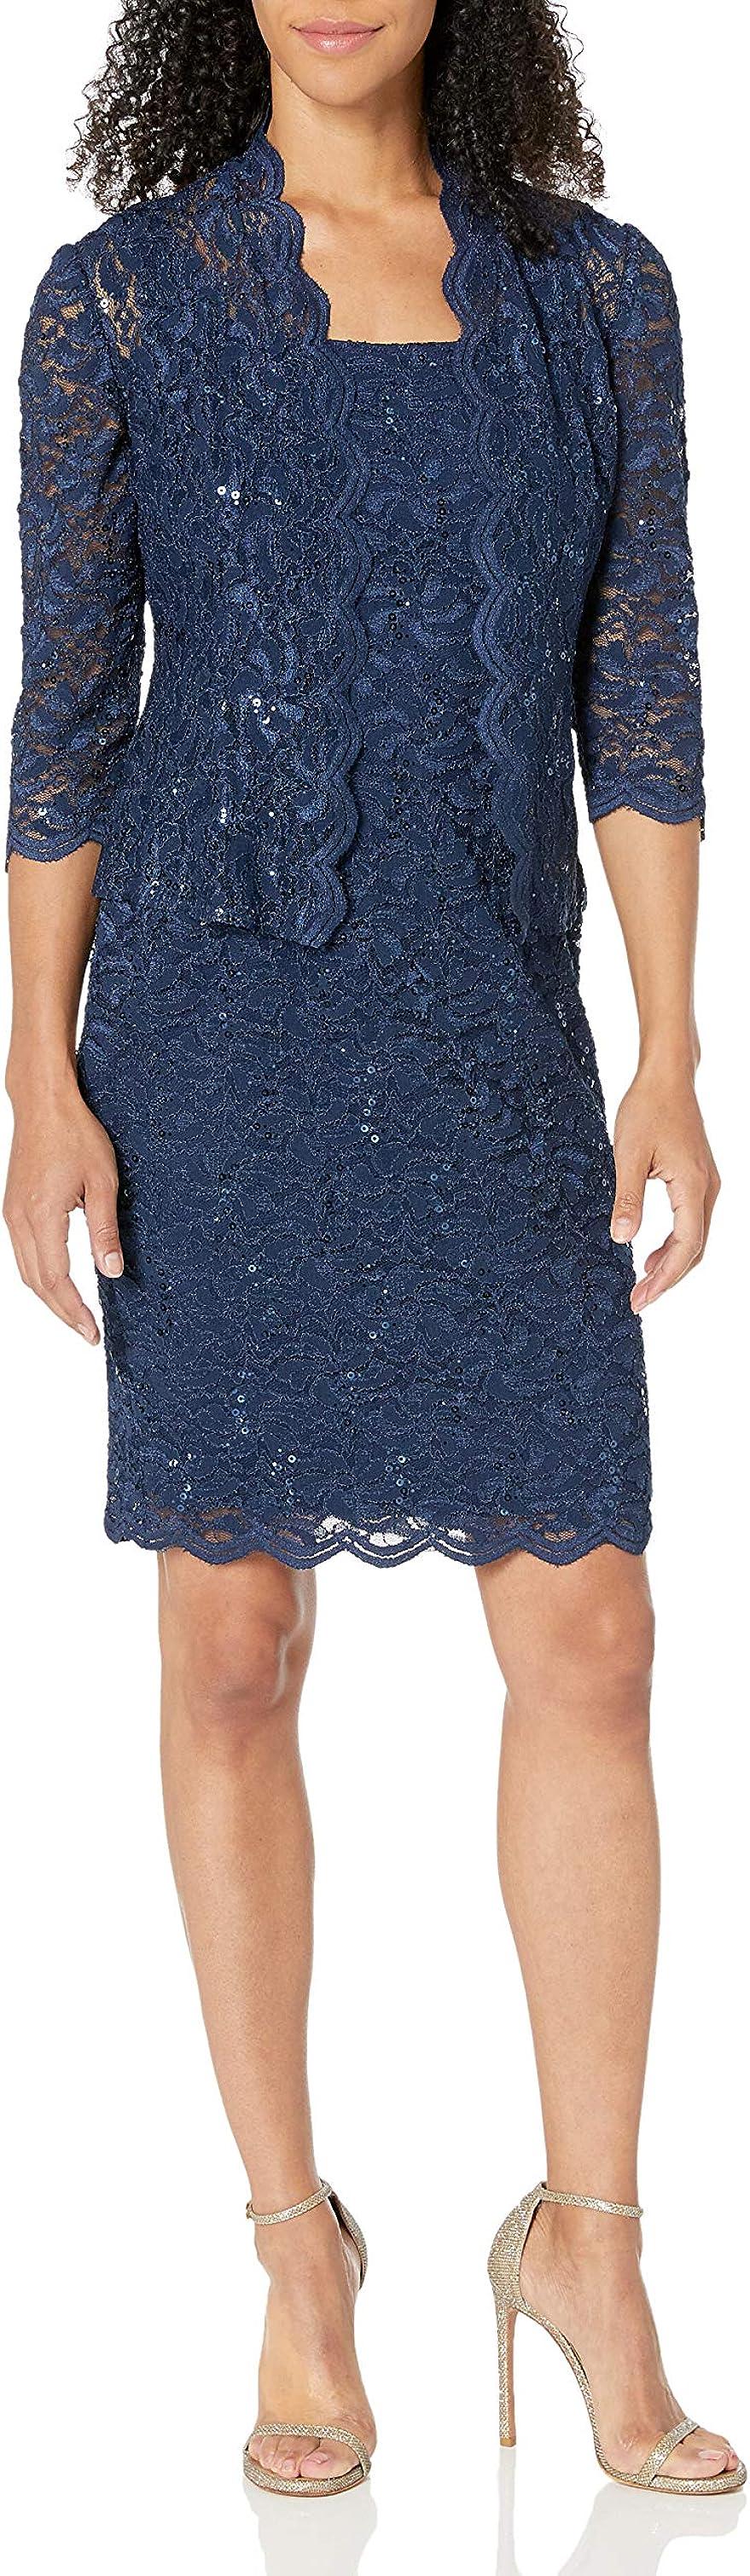 金盒特价 Alex Evenings 亮片点缀 女式蕾丝晚礼服套装 $134.25 多色可选  海淘转运到手约¥975